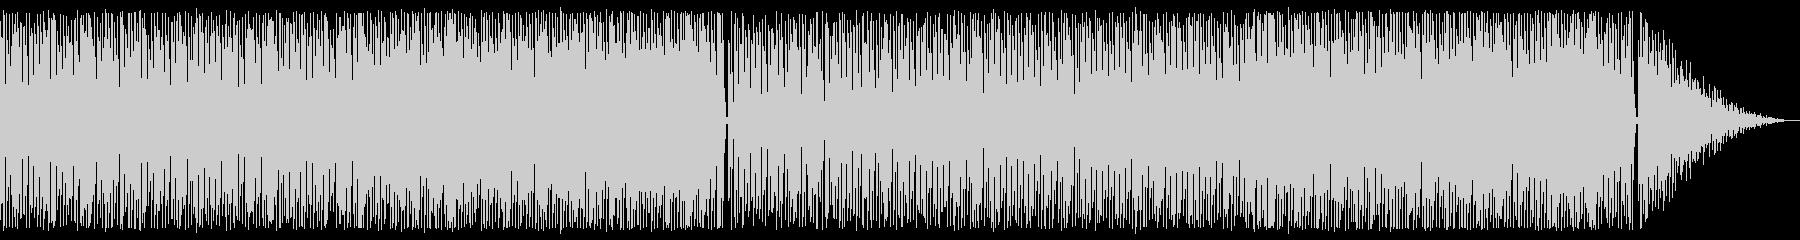 レトロ/エレクトロ_No455_1の未再生の波形